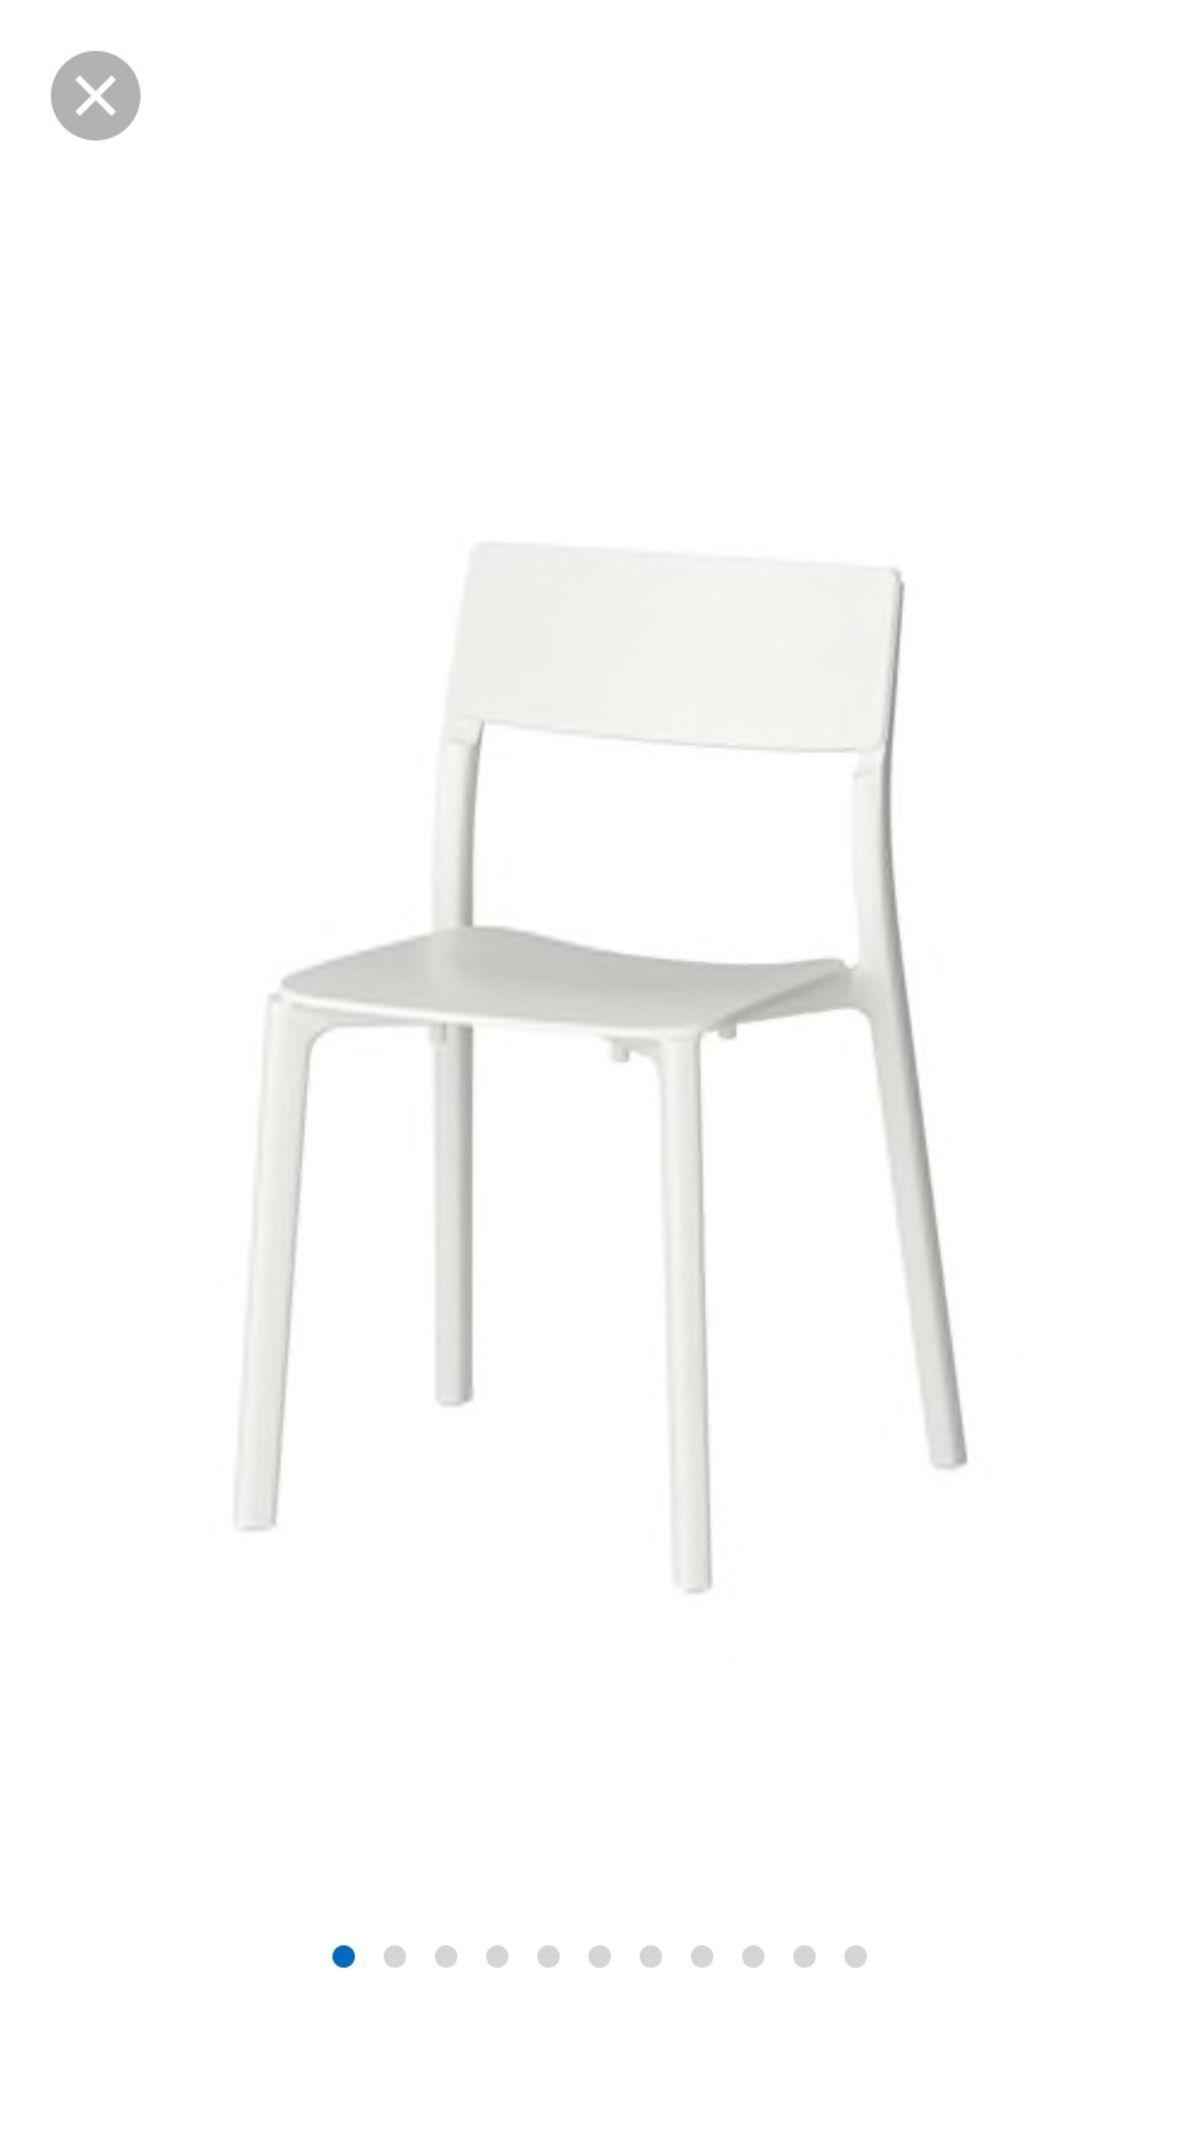 Durchsichtiger Stuhl Ikea